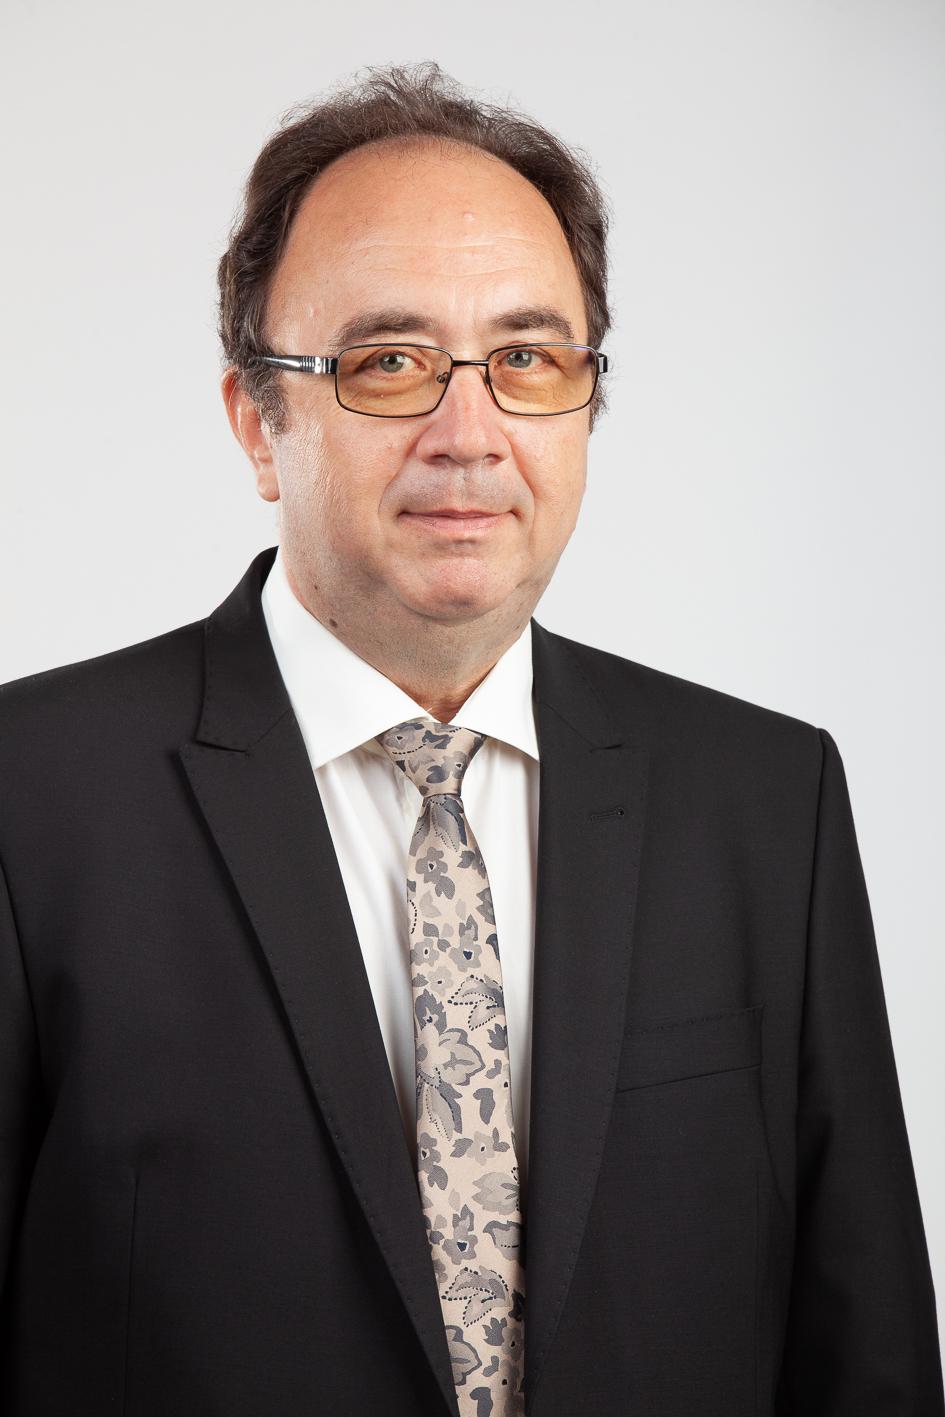 Sunimprof Rottaprint, cel mai mare producător de etichete autoadezive din România, estimează o creștere de 12% a exporturilor în 2018